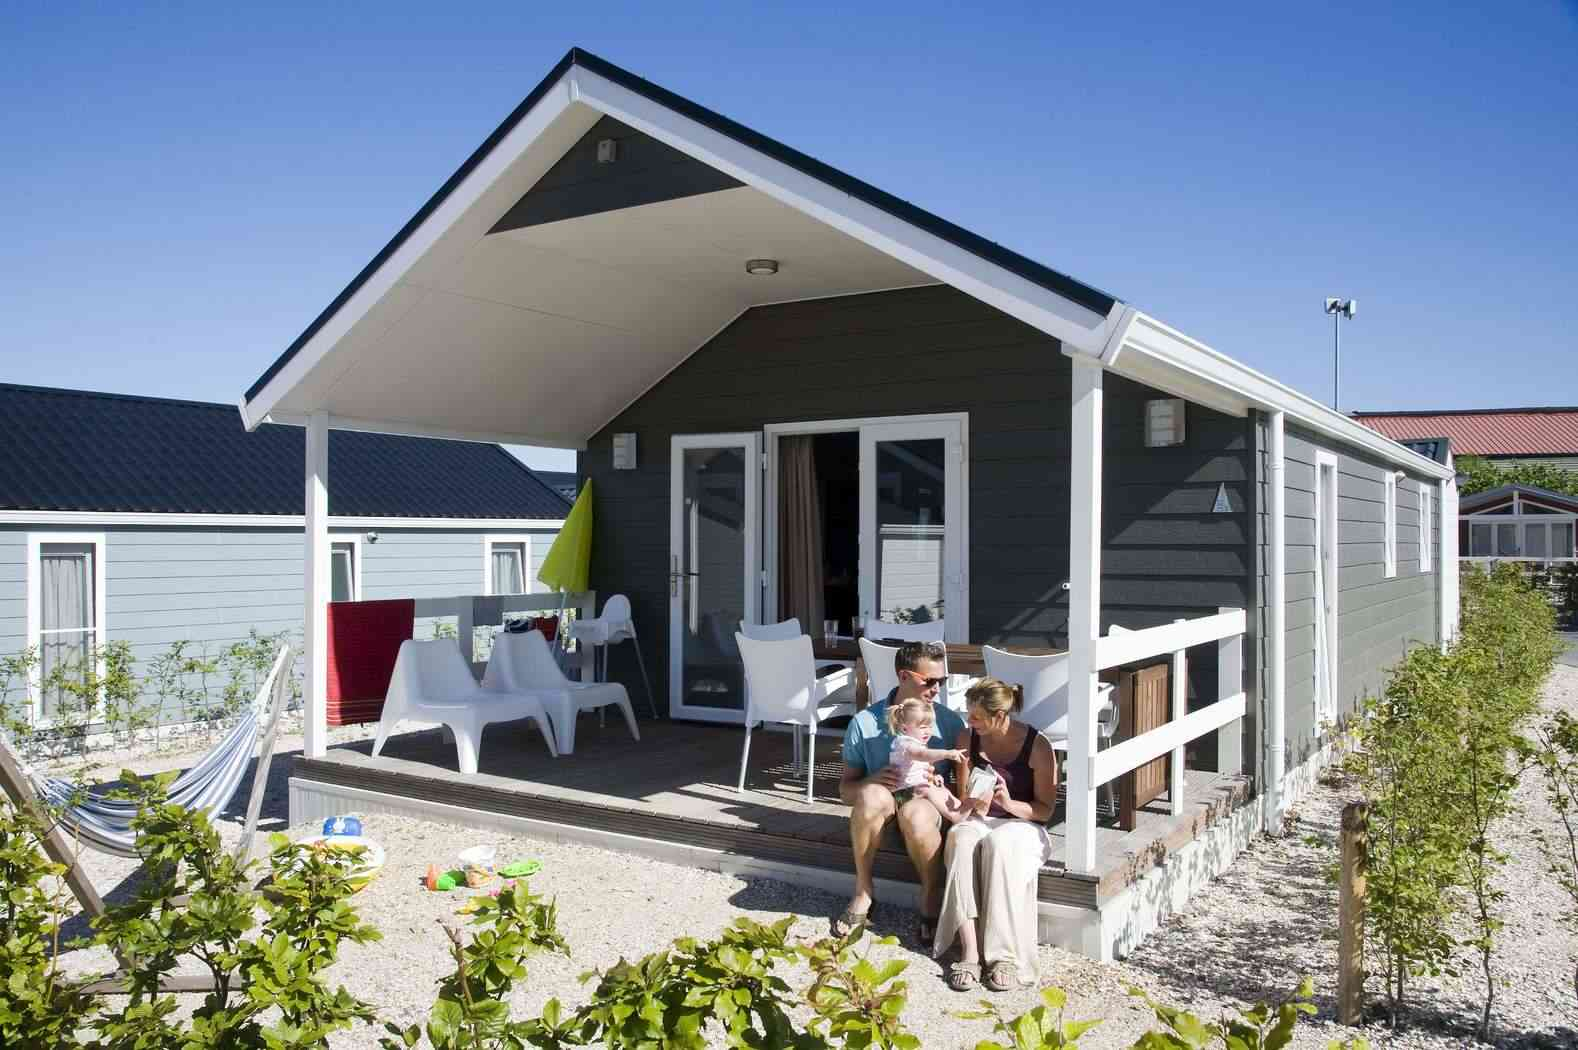 Ein Strandhaus ist ein von der verschiedene mietobjekte auf dem ferienpark Eiland van Maurik